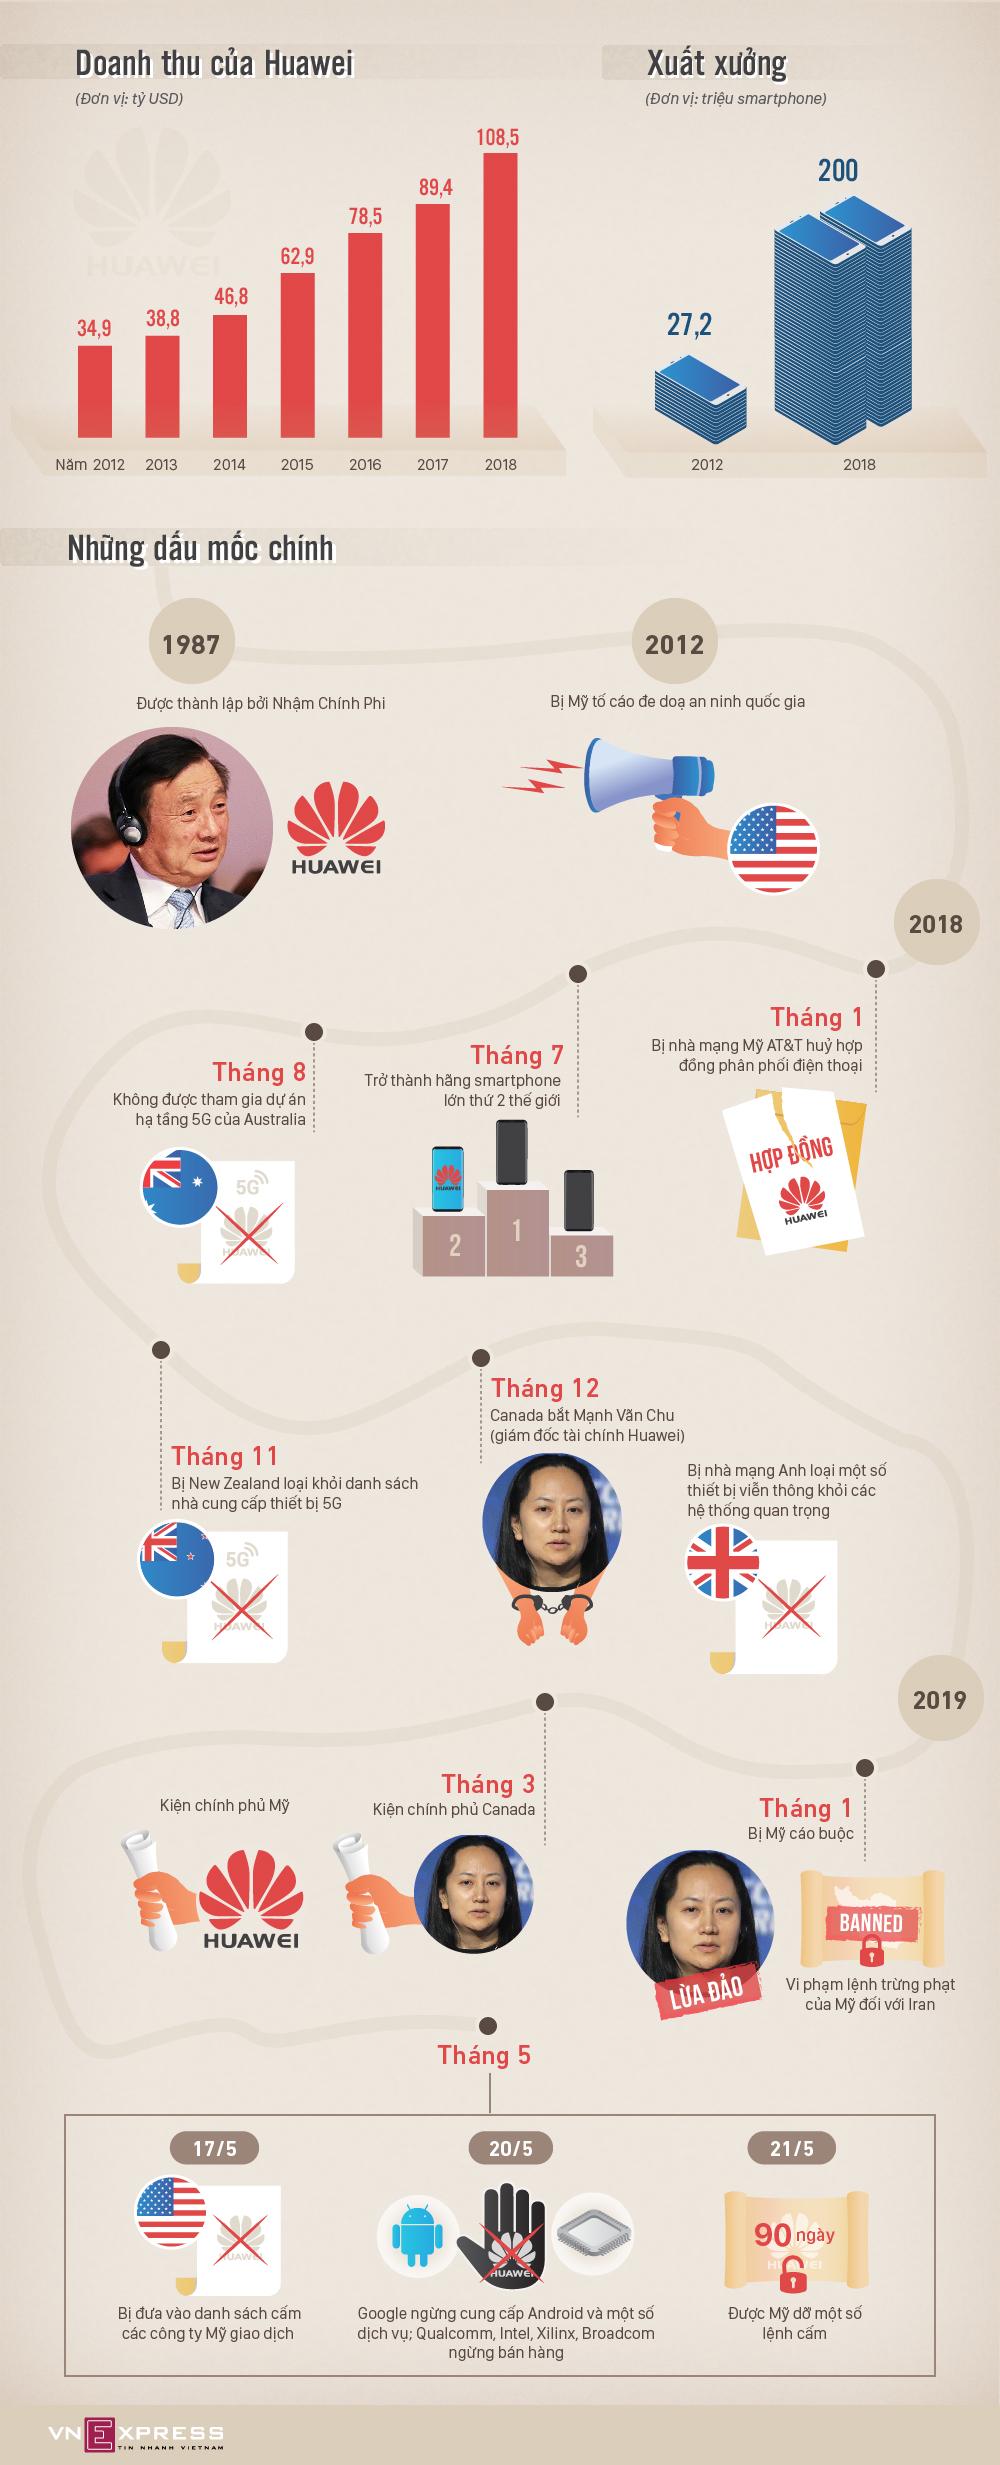 Toàn cảnh khủng hoảng Huawei trong cuộc chiến Mỹ - Trung - ảnh 1